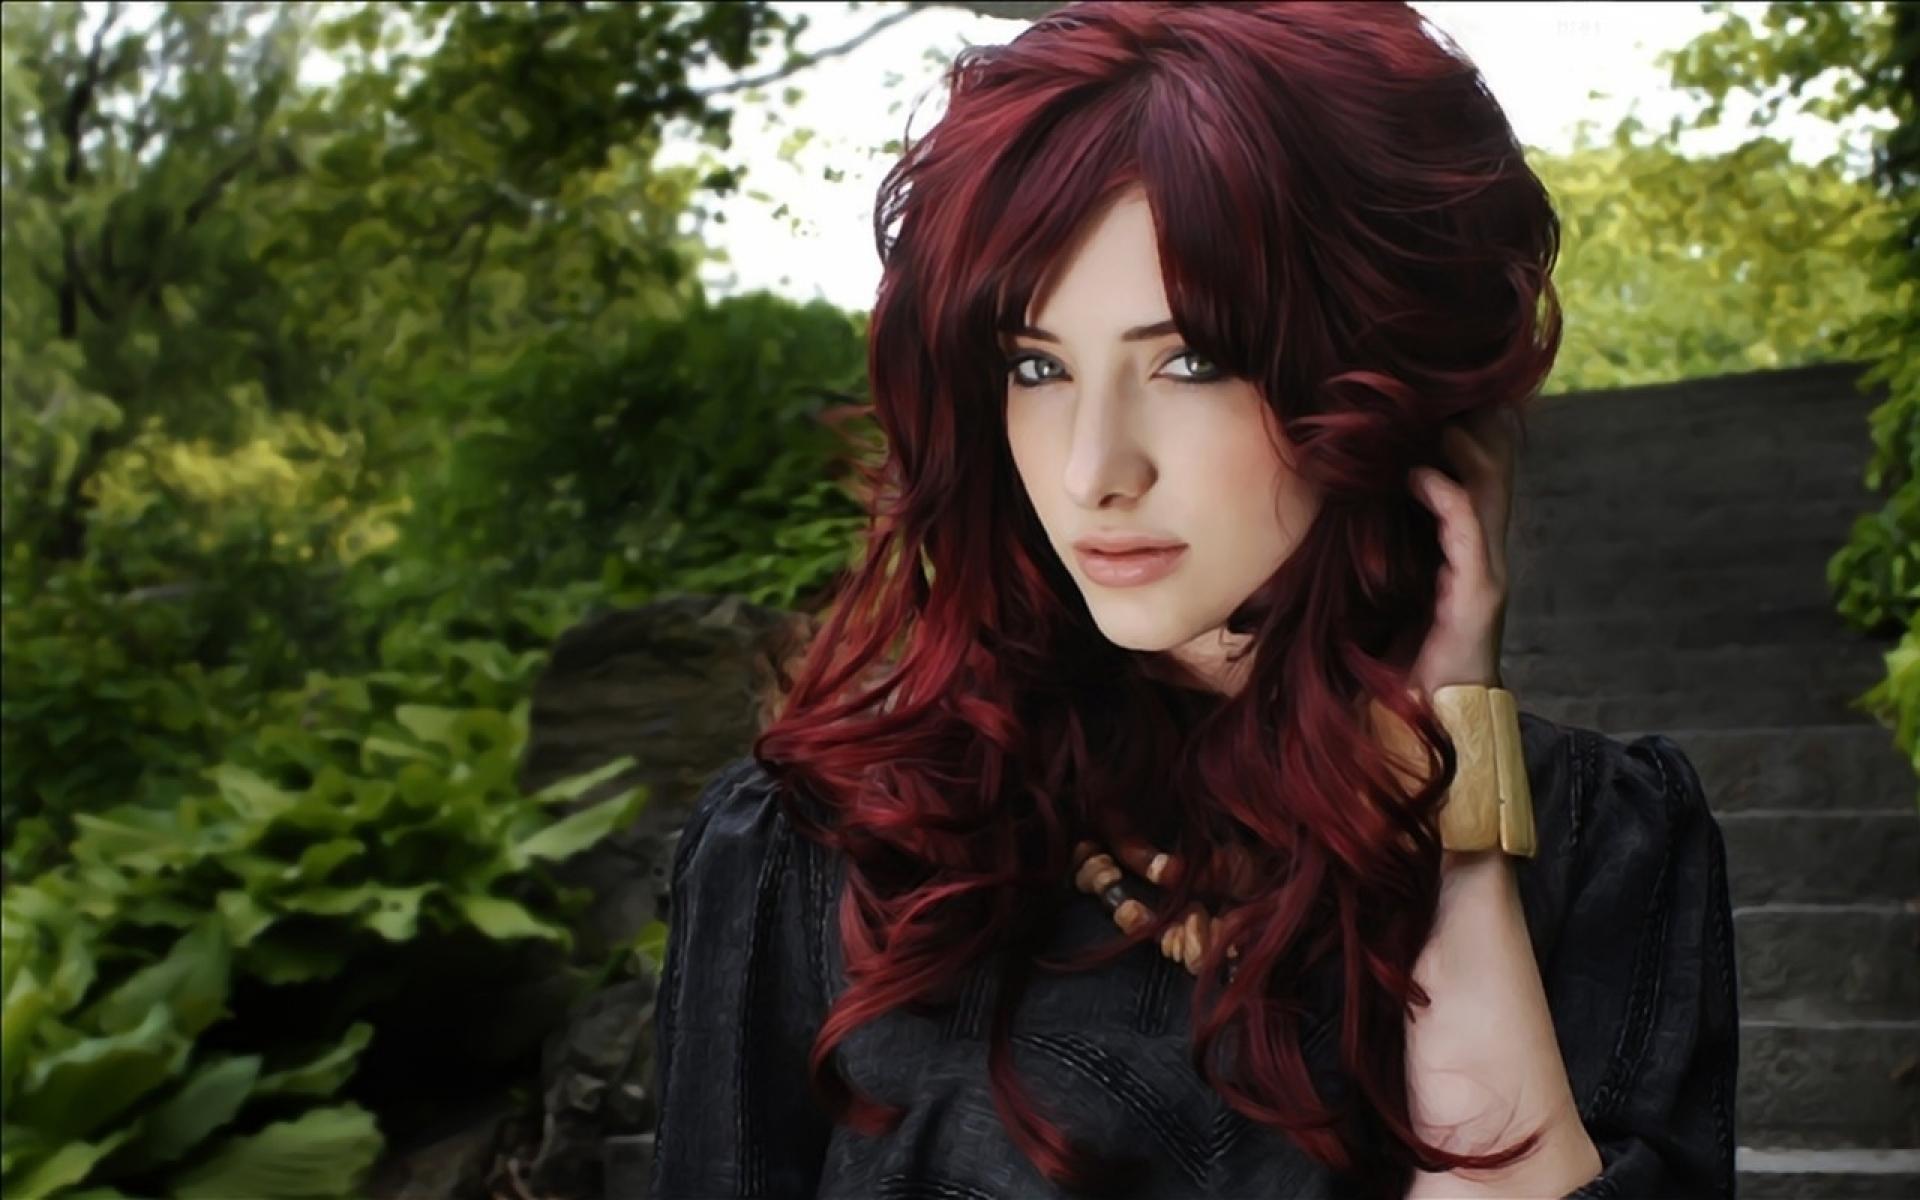 Картинки девушек с гранатовыми волосами